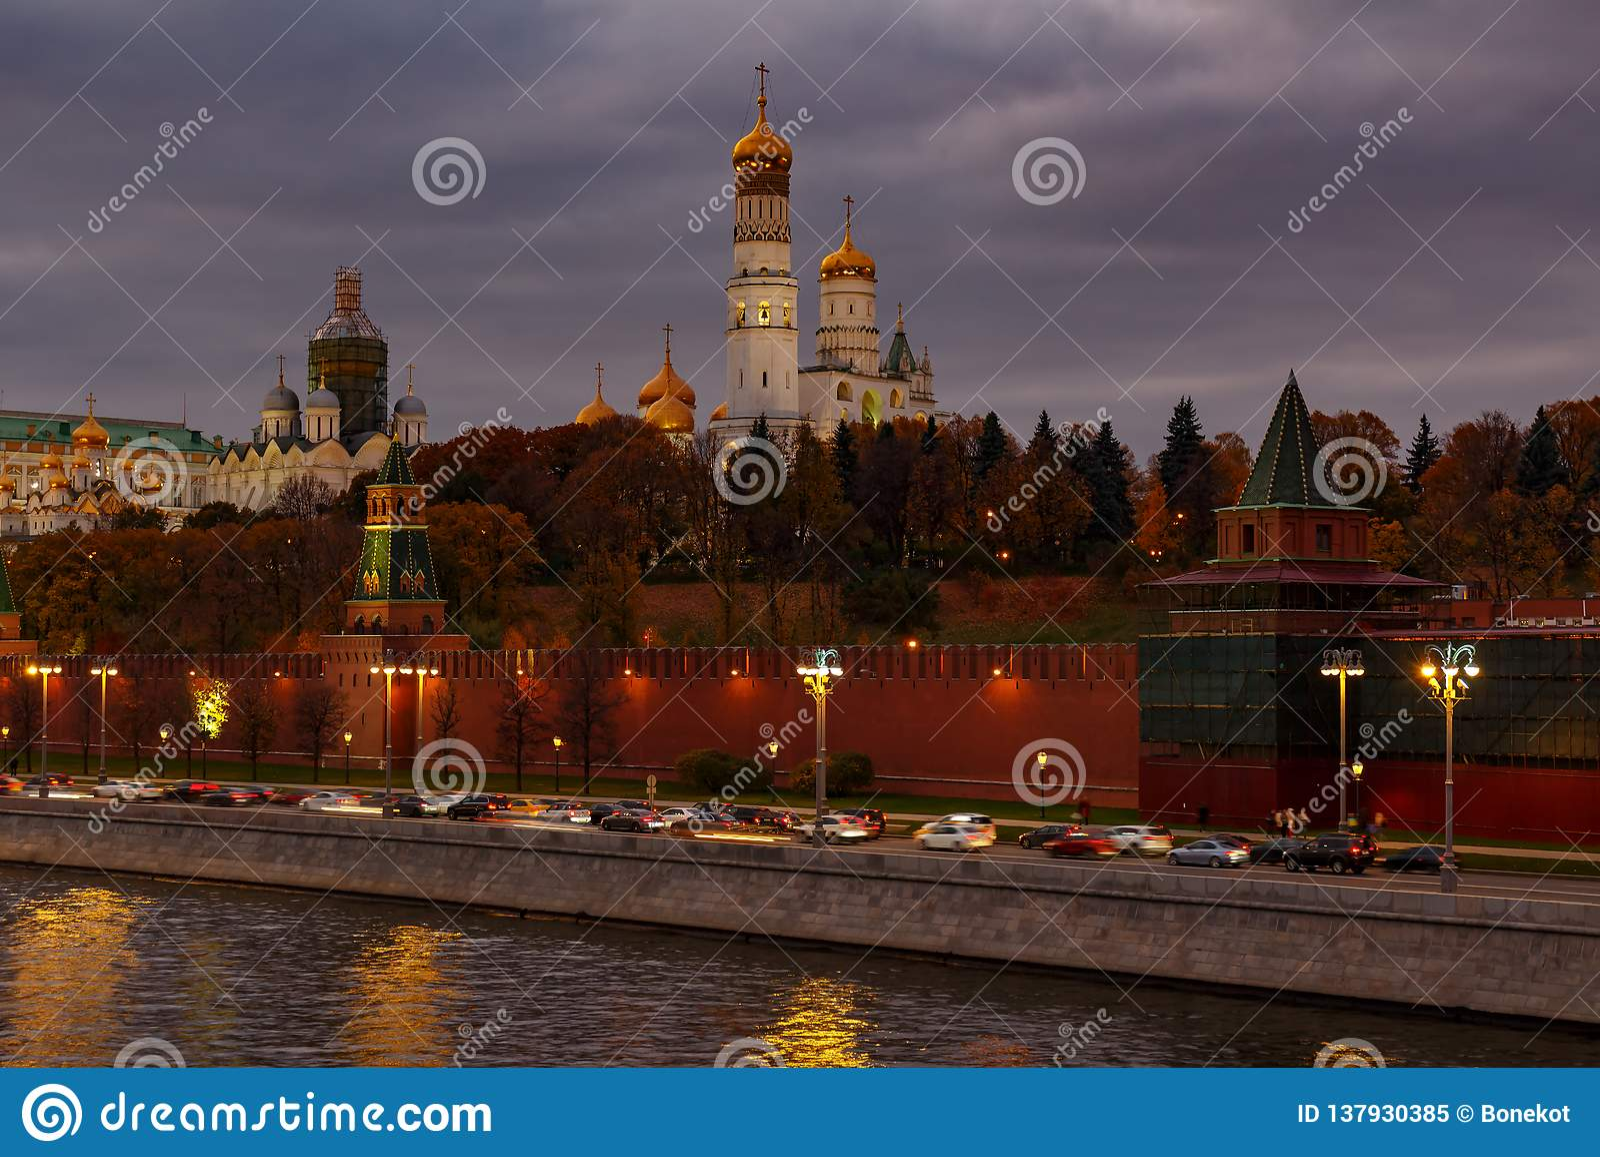 Cupole dorate delle chiese in Cremlino di Mosca contro il cielo nuvoloso drammatico nella sera